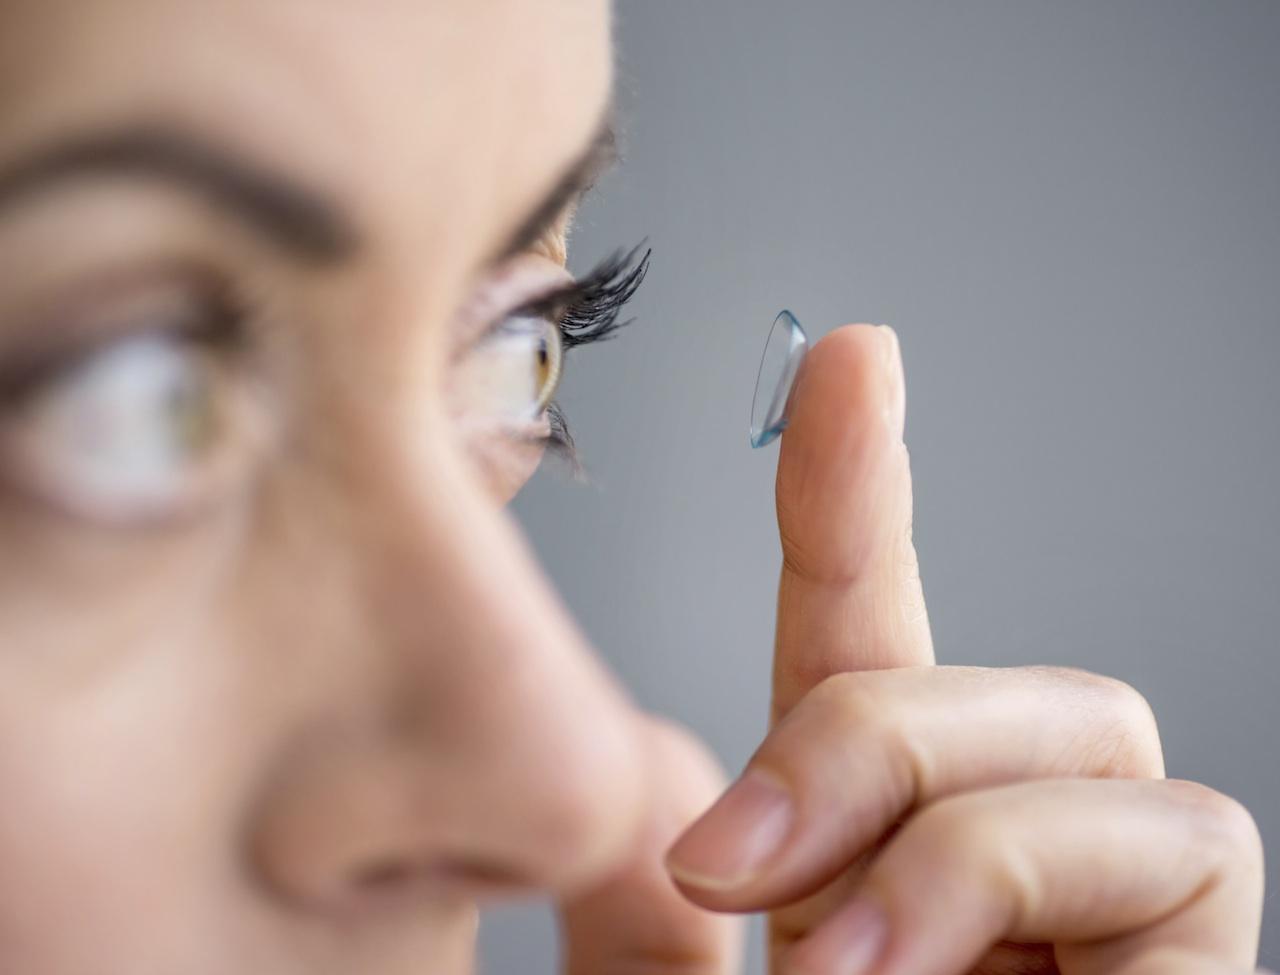 Acheter des lentilles : je vous recommande un site fiable